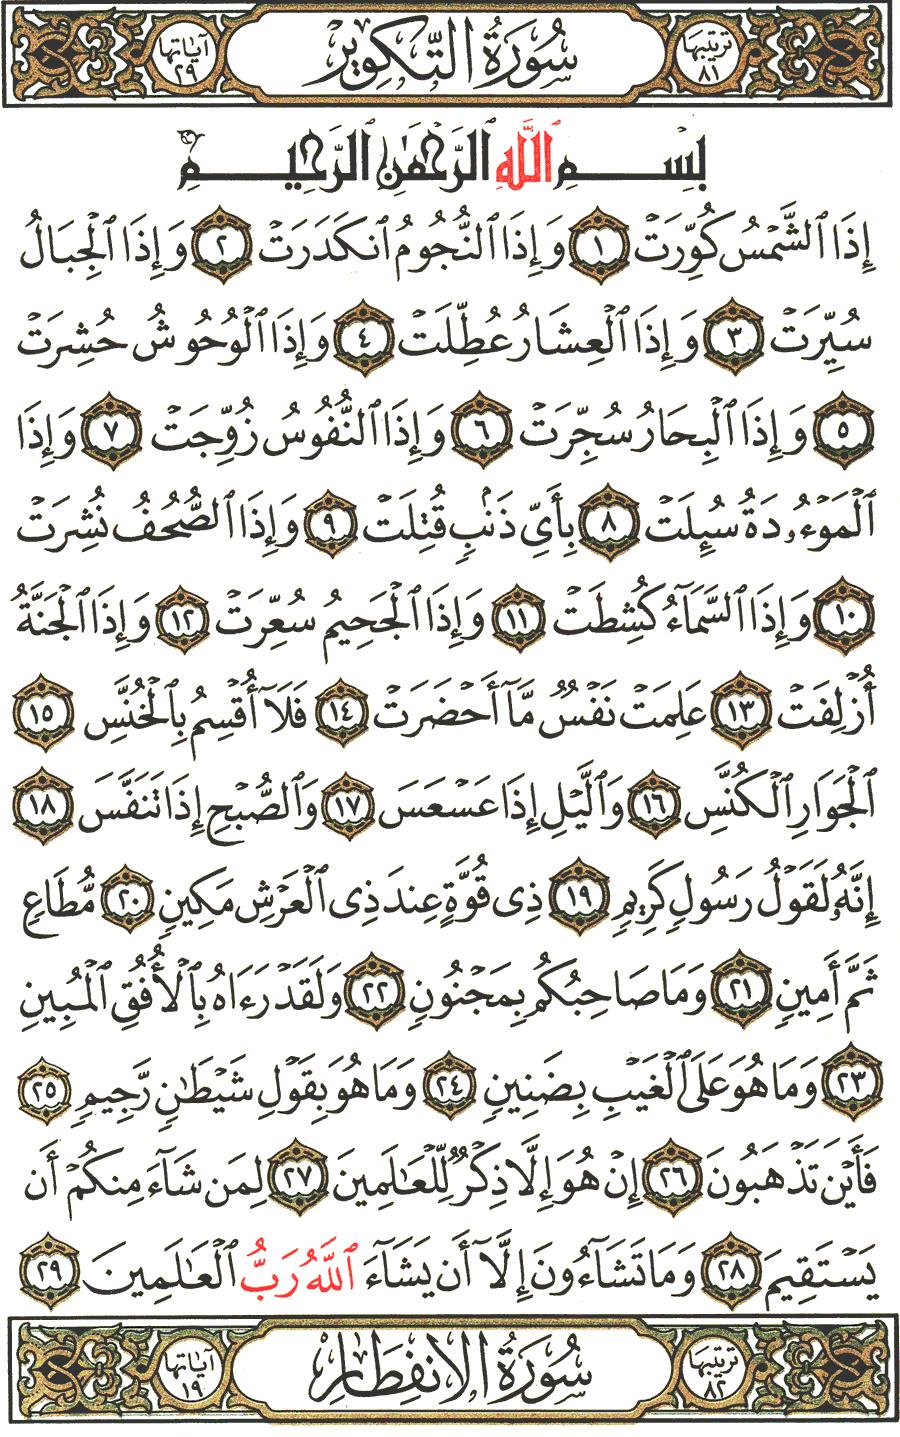 الصفحة رقم 586 من القرآن الكريم مكتوبة من المصحف